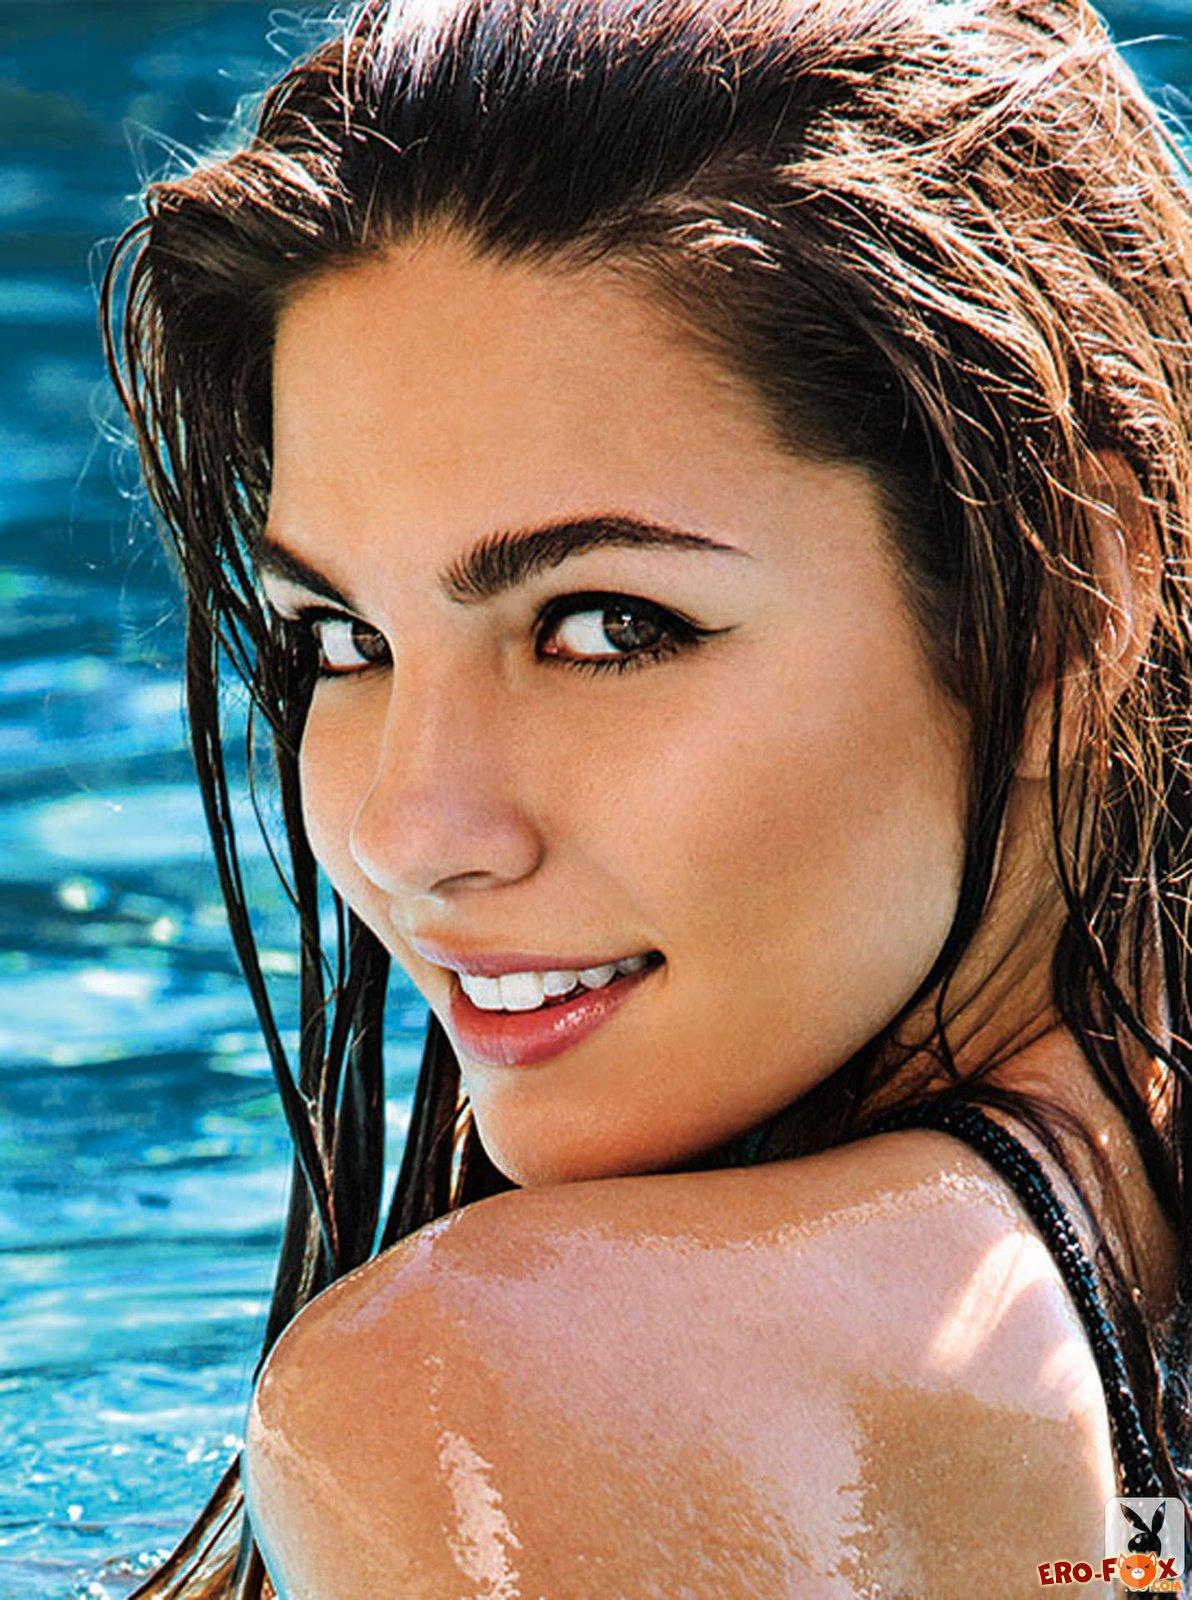 Сексуальная голая девушка в бассейне отеля - фото эротика.